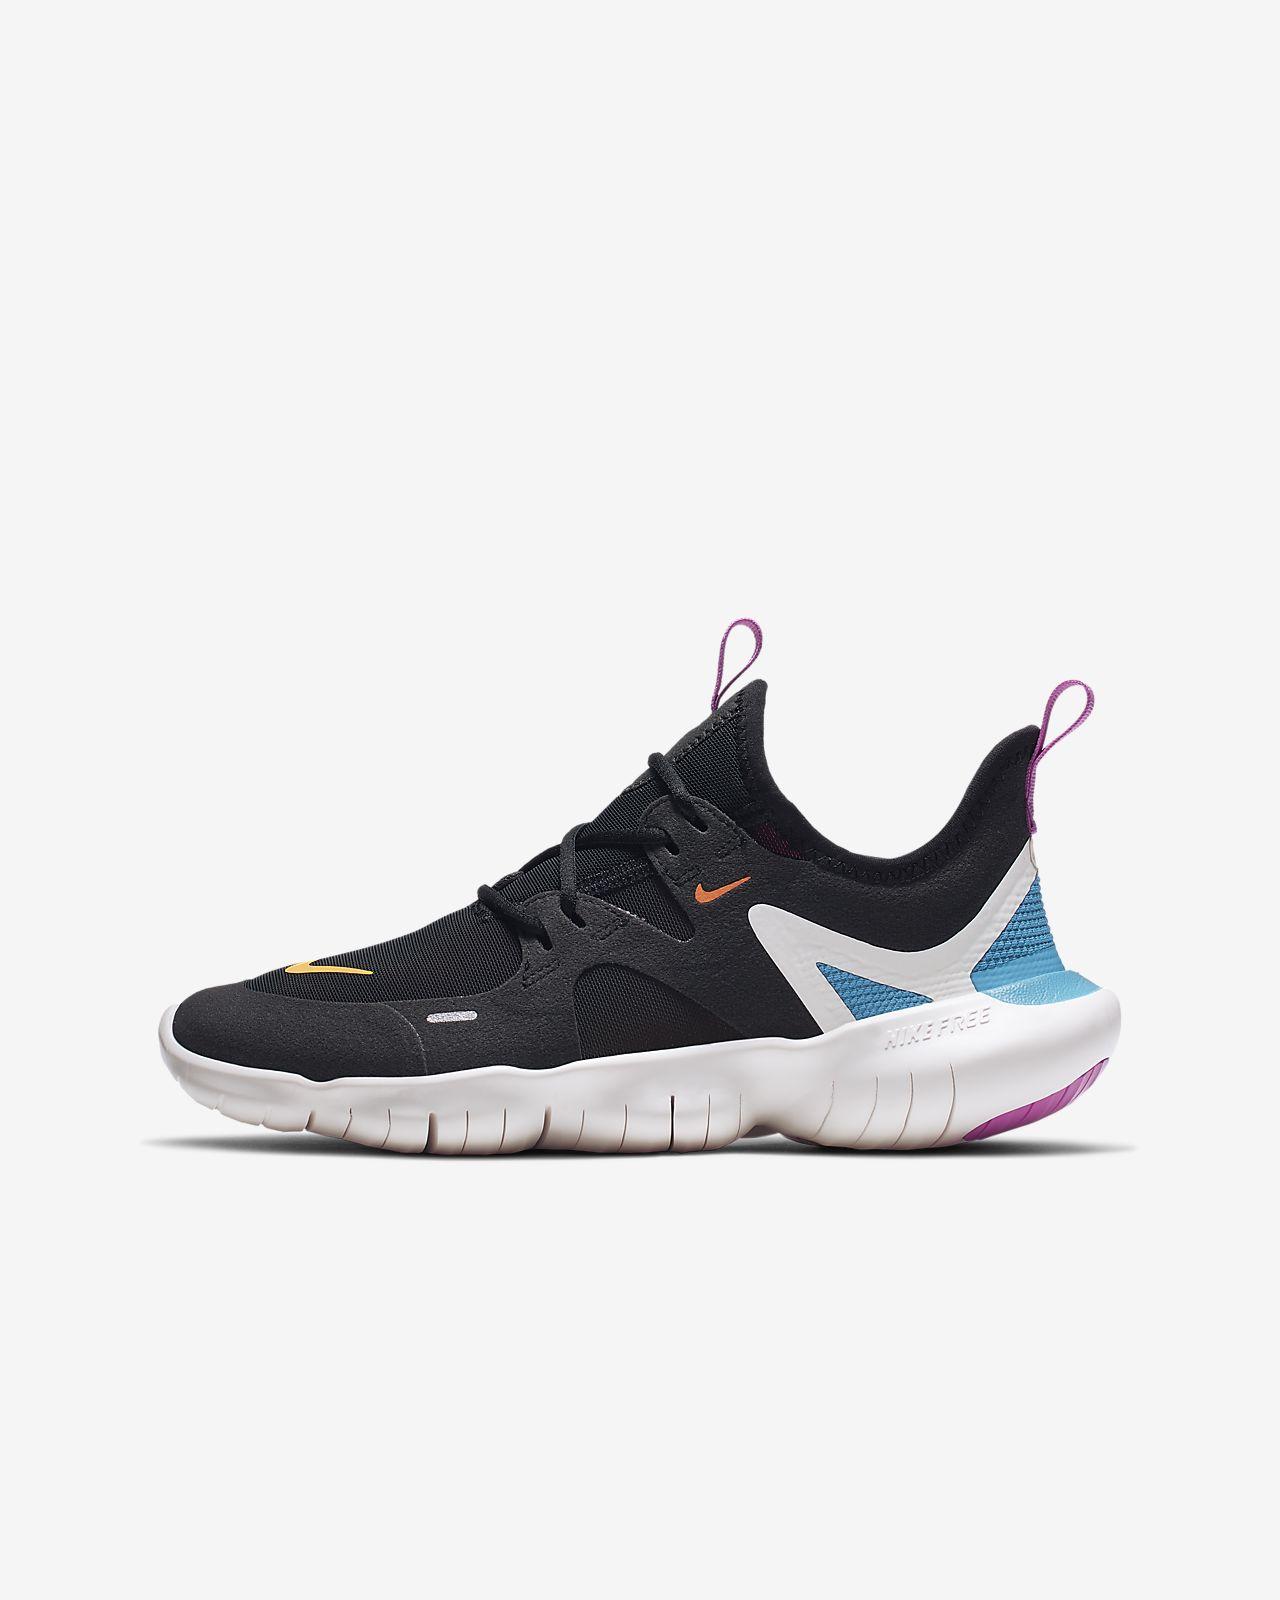 a2de29e72ff40 Nike Free RN 5.0 Older Kids  Running Shoe. Nike.com GB